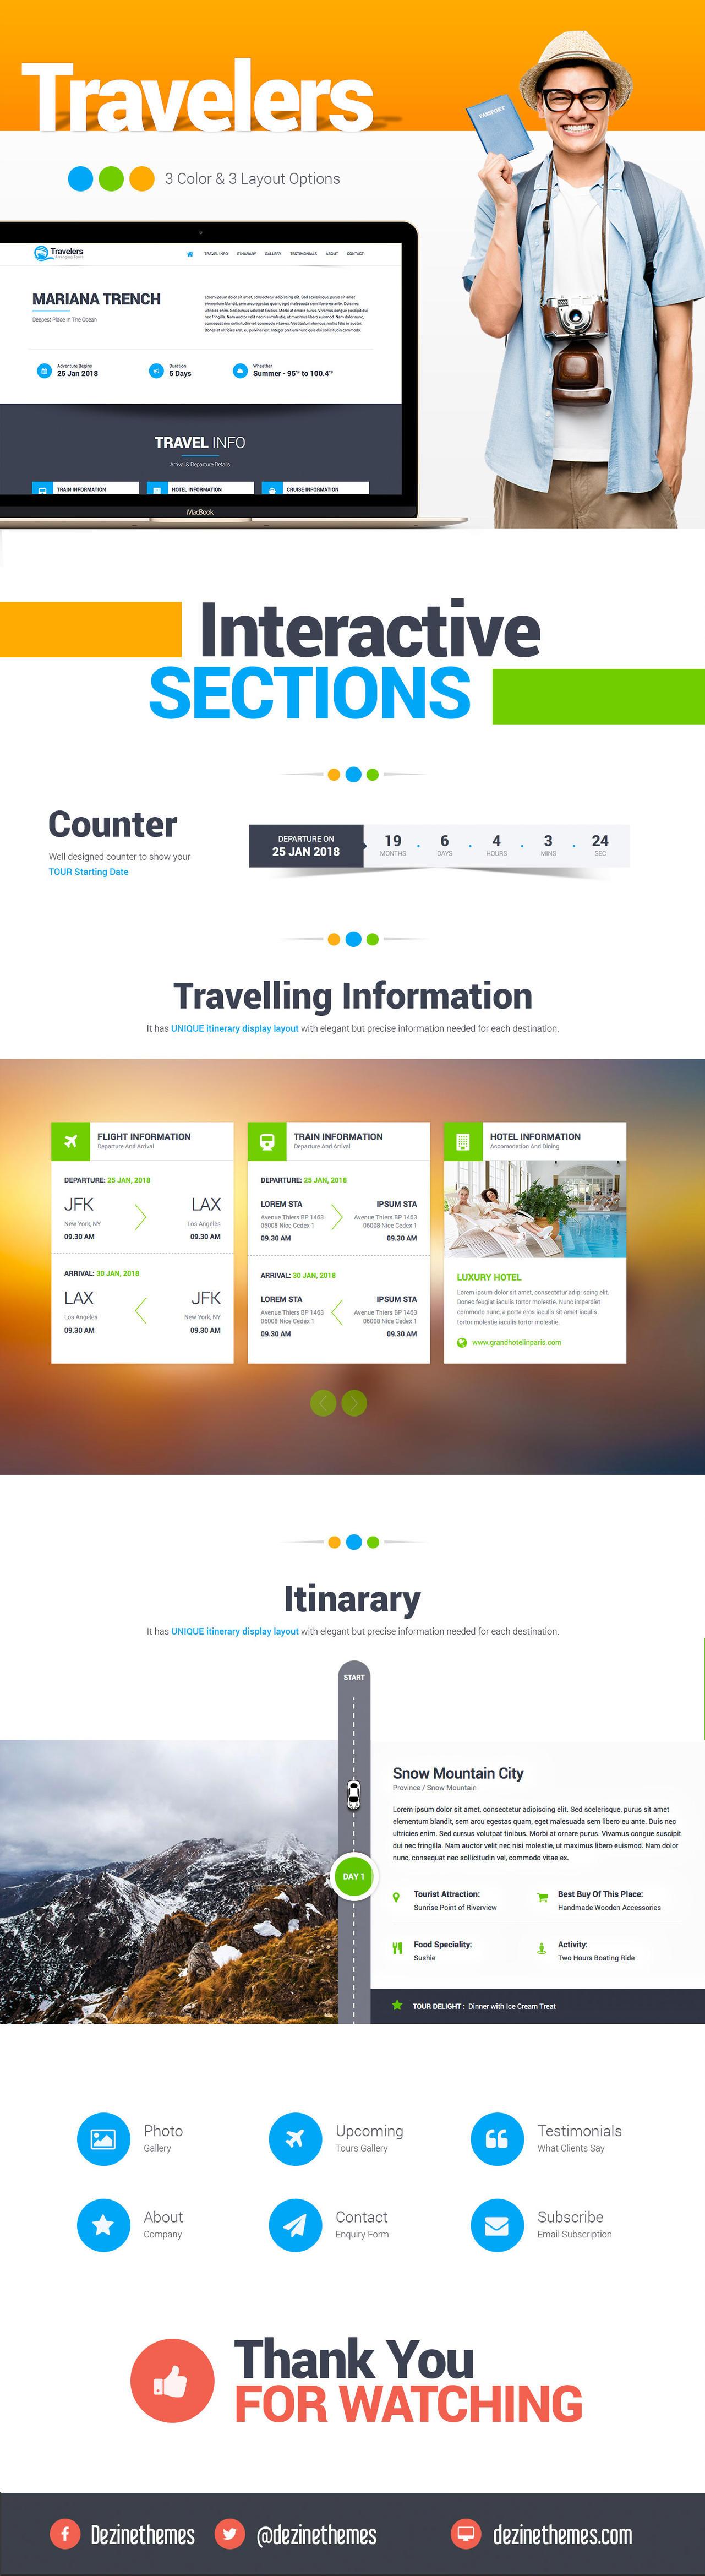 Travelers Landing Page Website by Saptarang